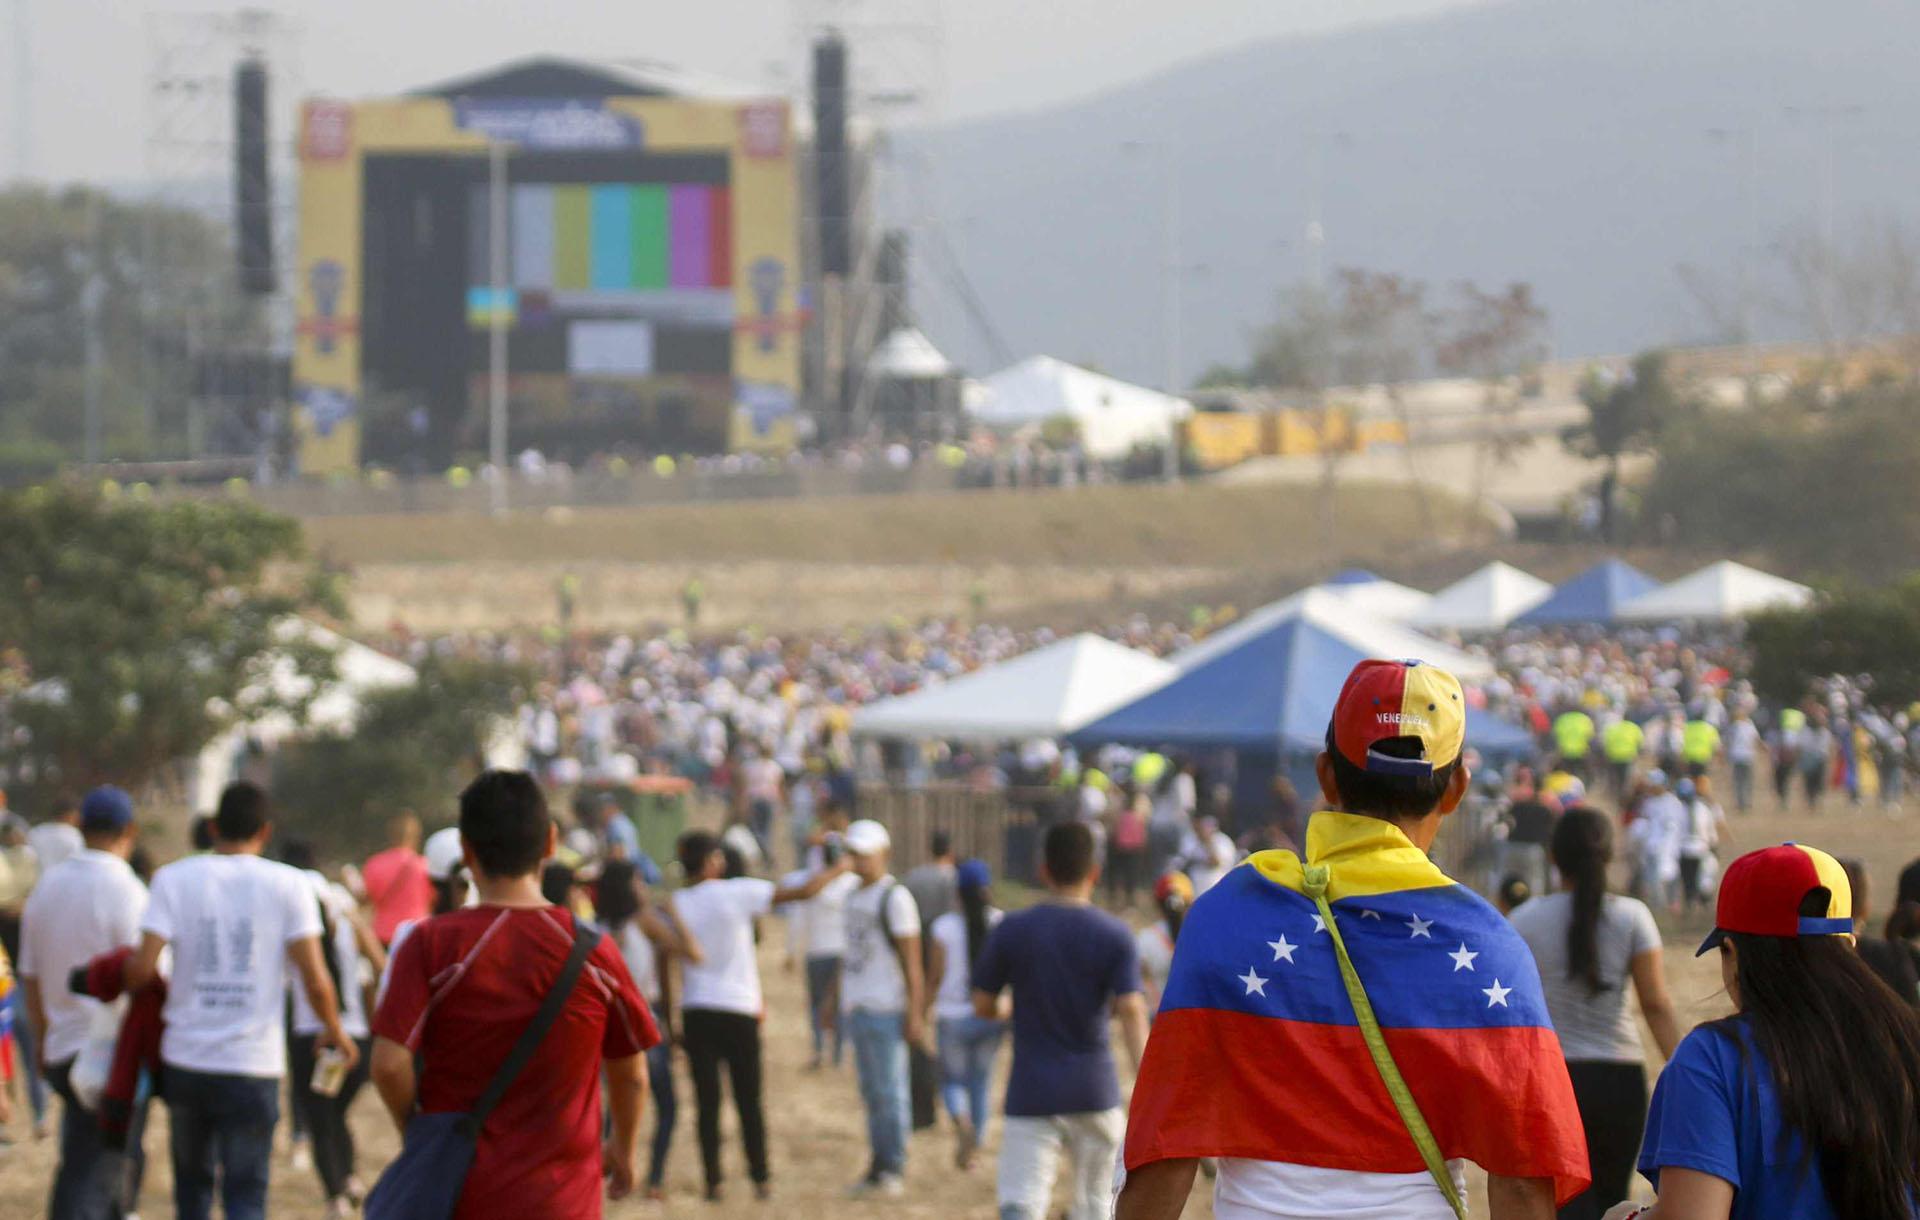 """La gente espera el comienzo del concierto """"Venezuela Aid Live"""", organizado por el multimillonario británico Richard Branson en el Puente Internacional Tienditas en Cúcuta, Colombia, el 22 de febrero de 2019. (AFP)"""